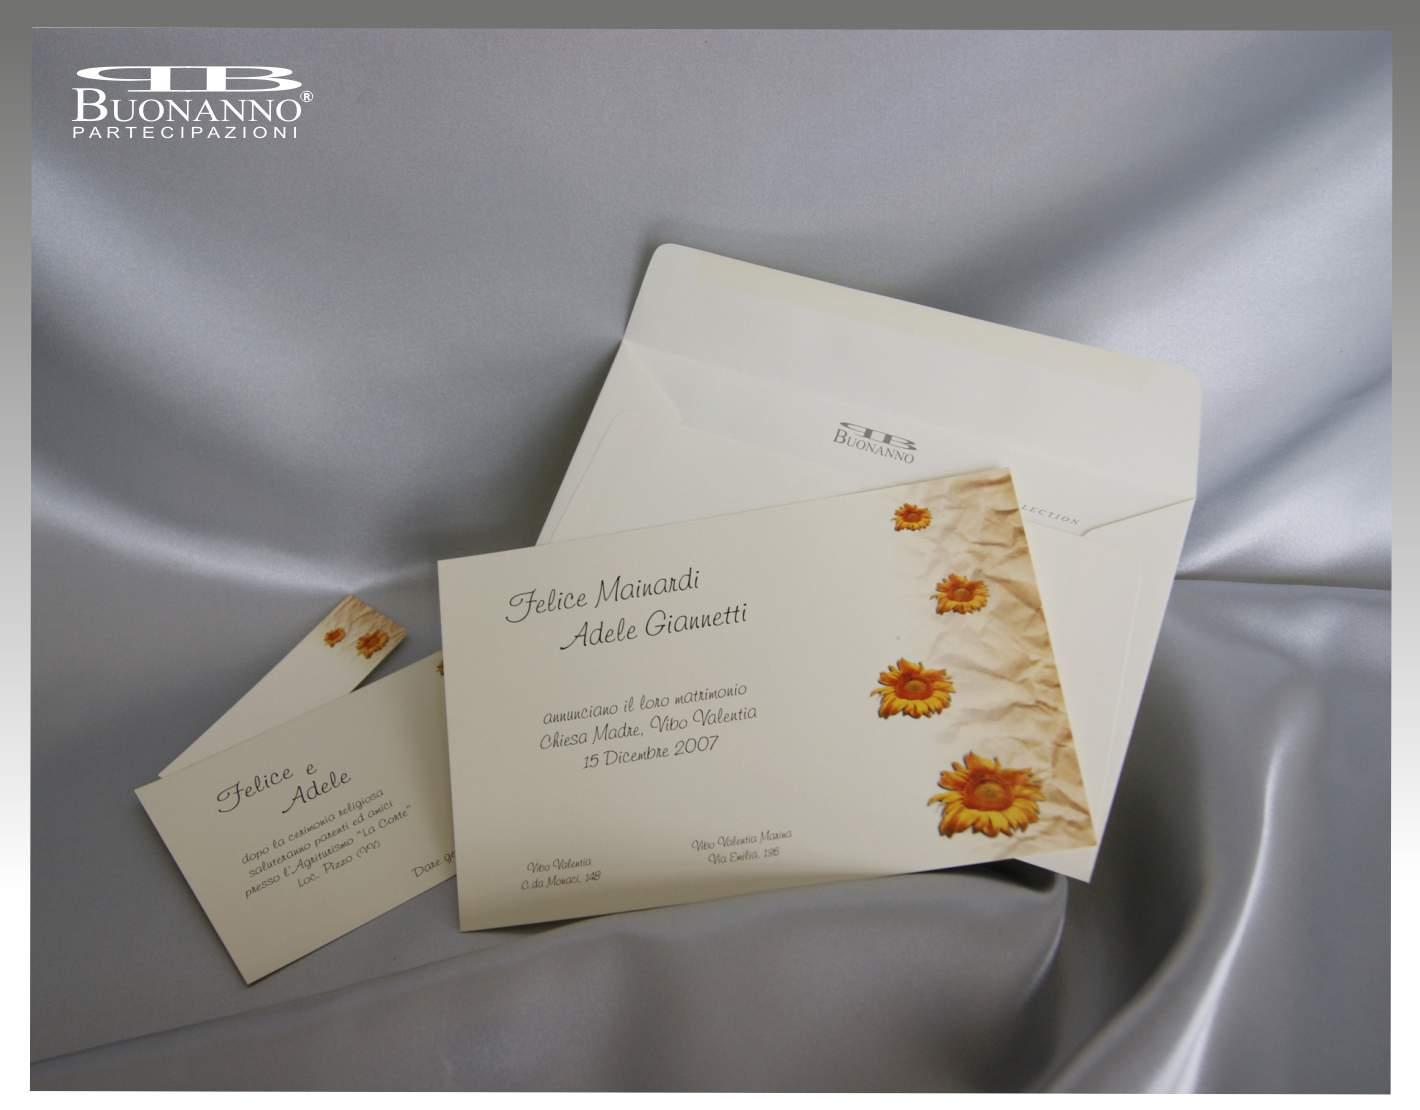 Partecipazioni Matrimonio Girasoli : Partecipazioni sposi con girasoli